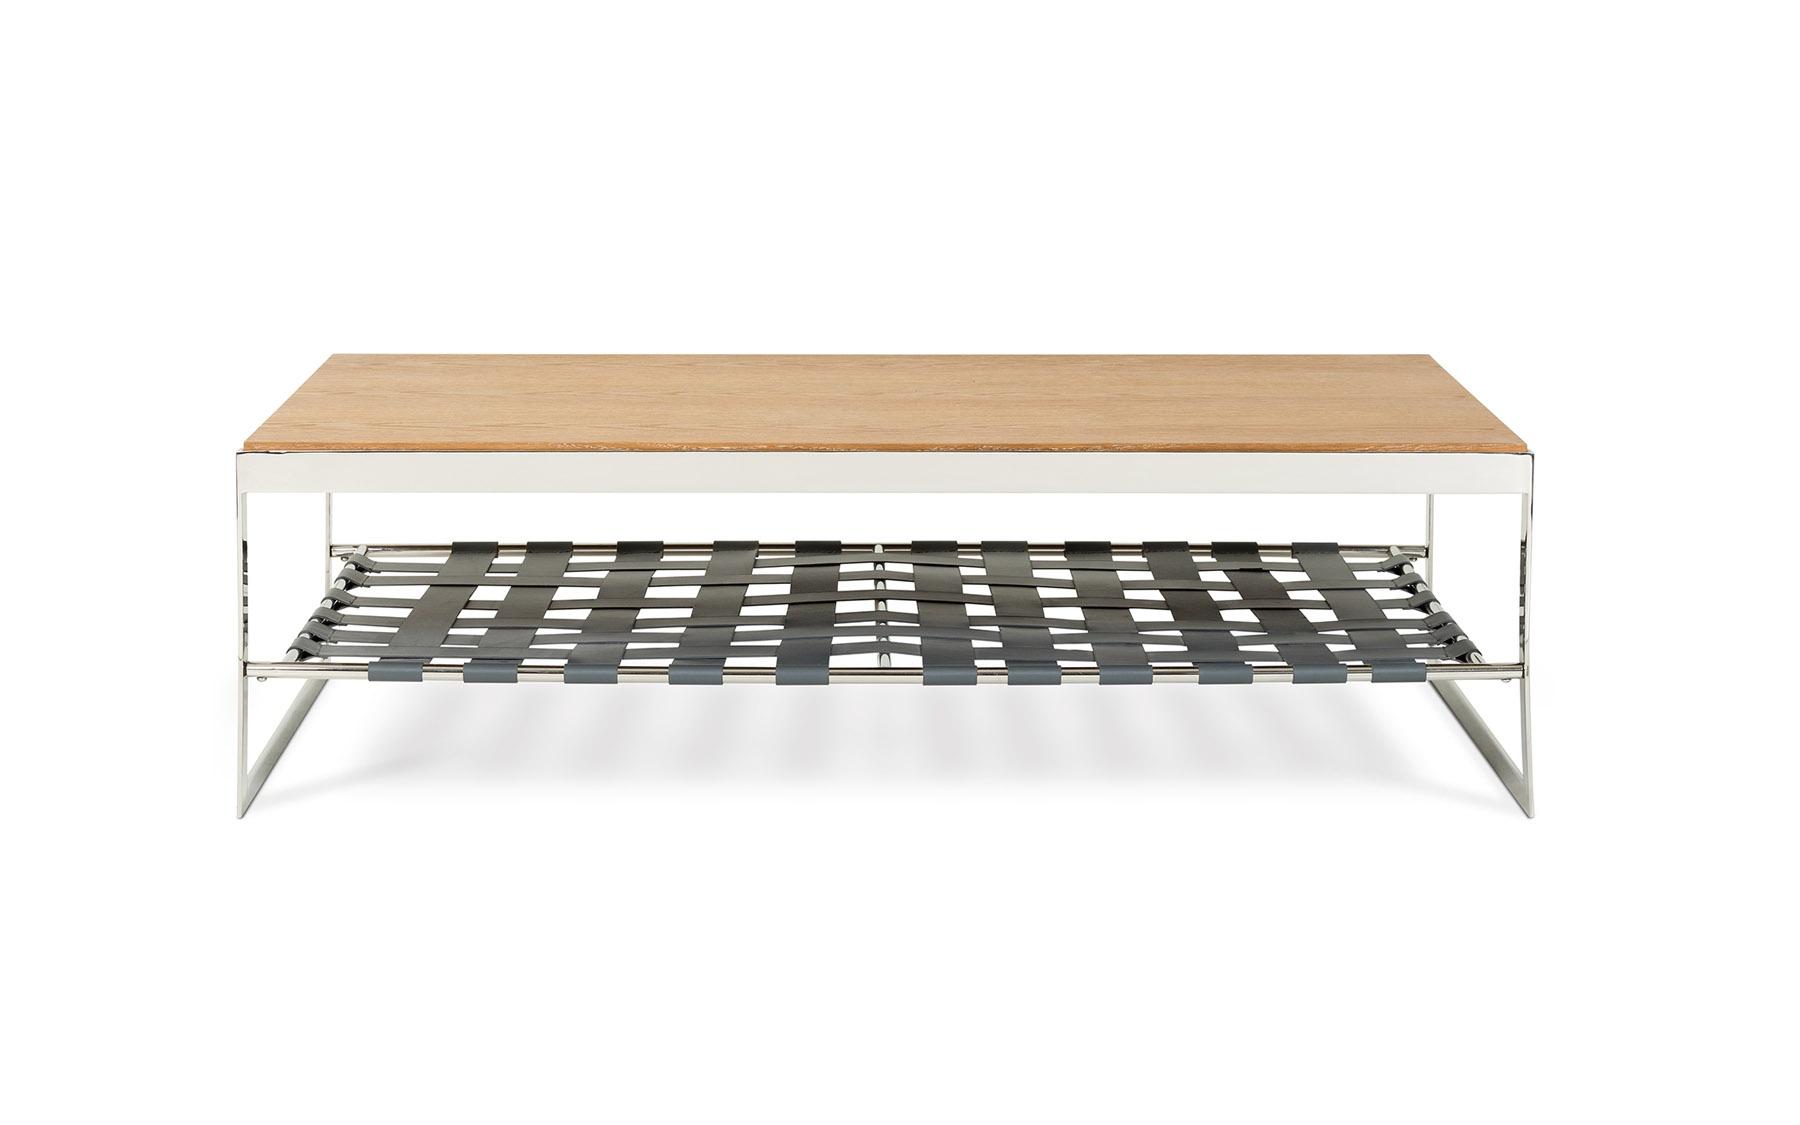 Table basse d338 tables d 39 appoint accessoires la for Gallerie du meuble